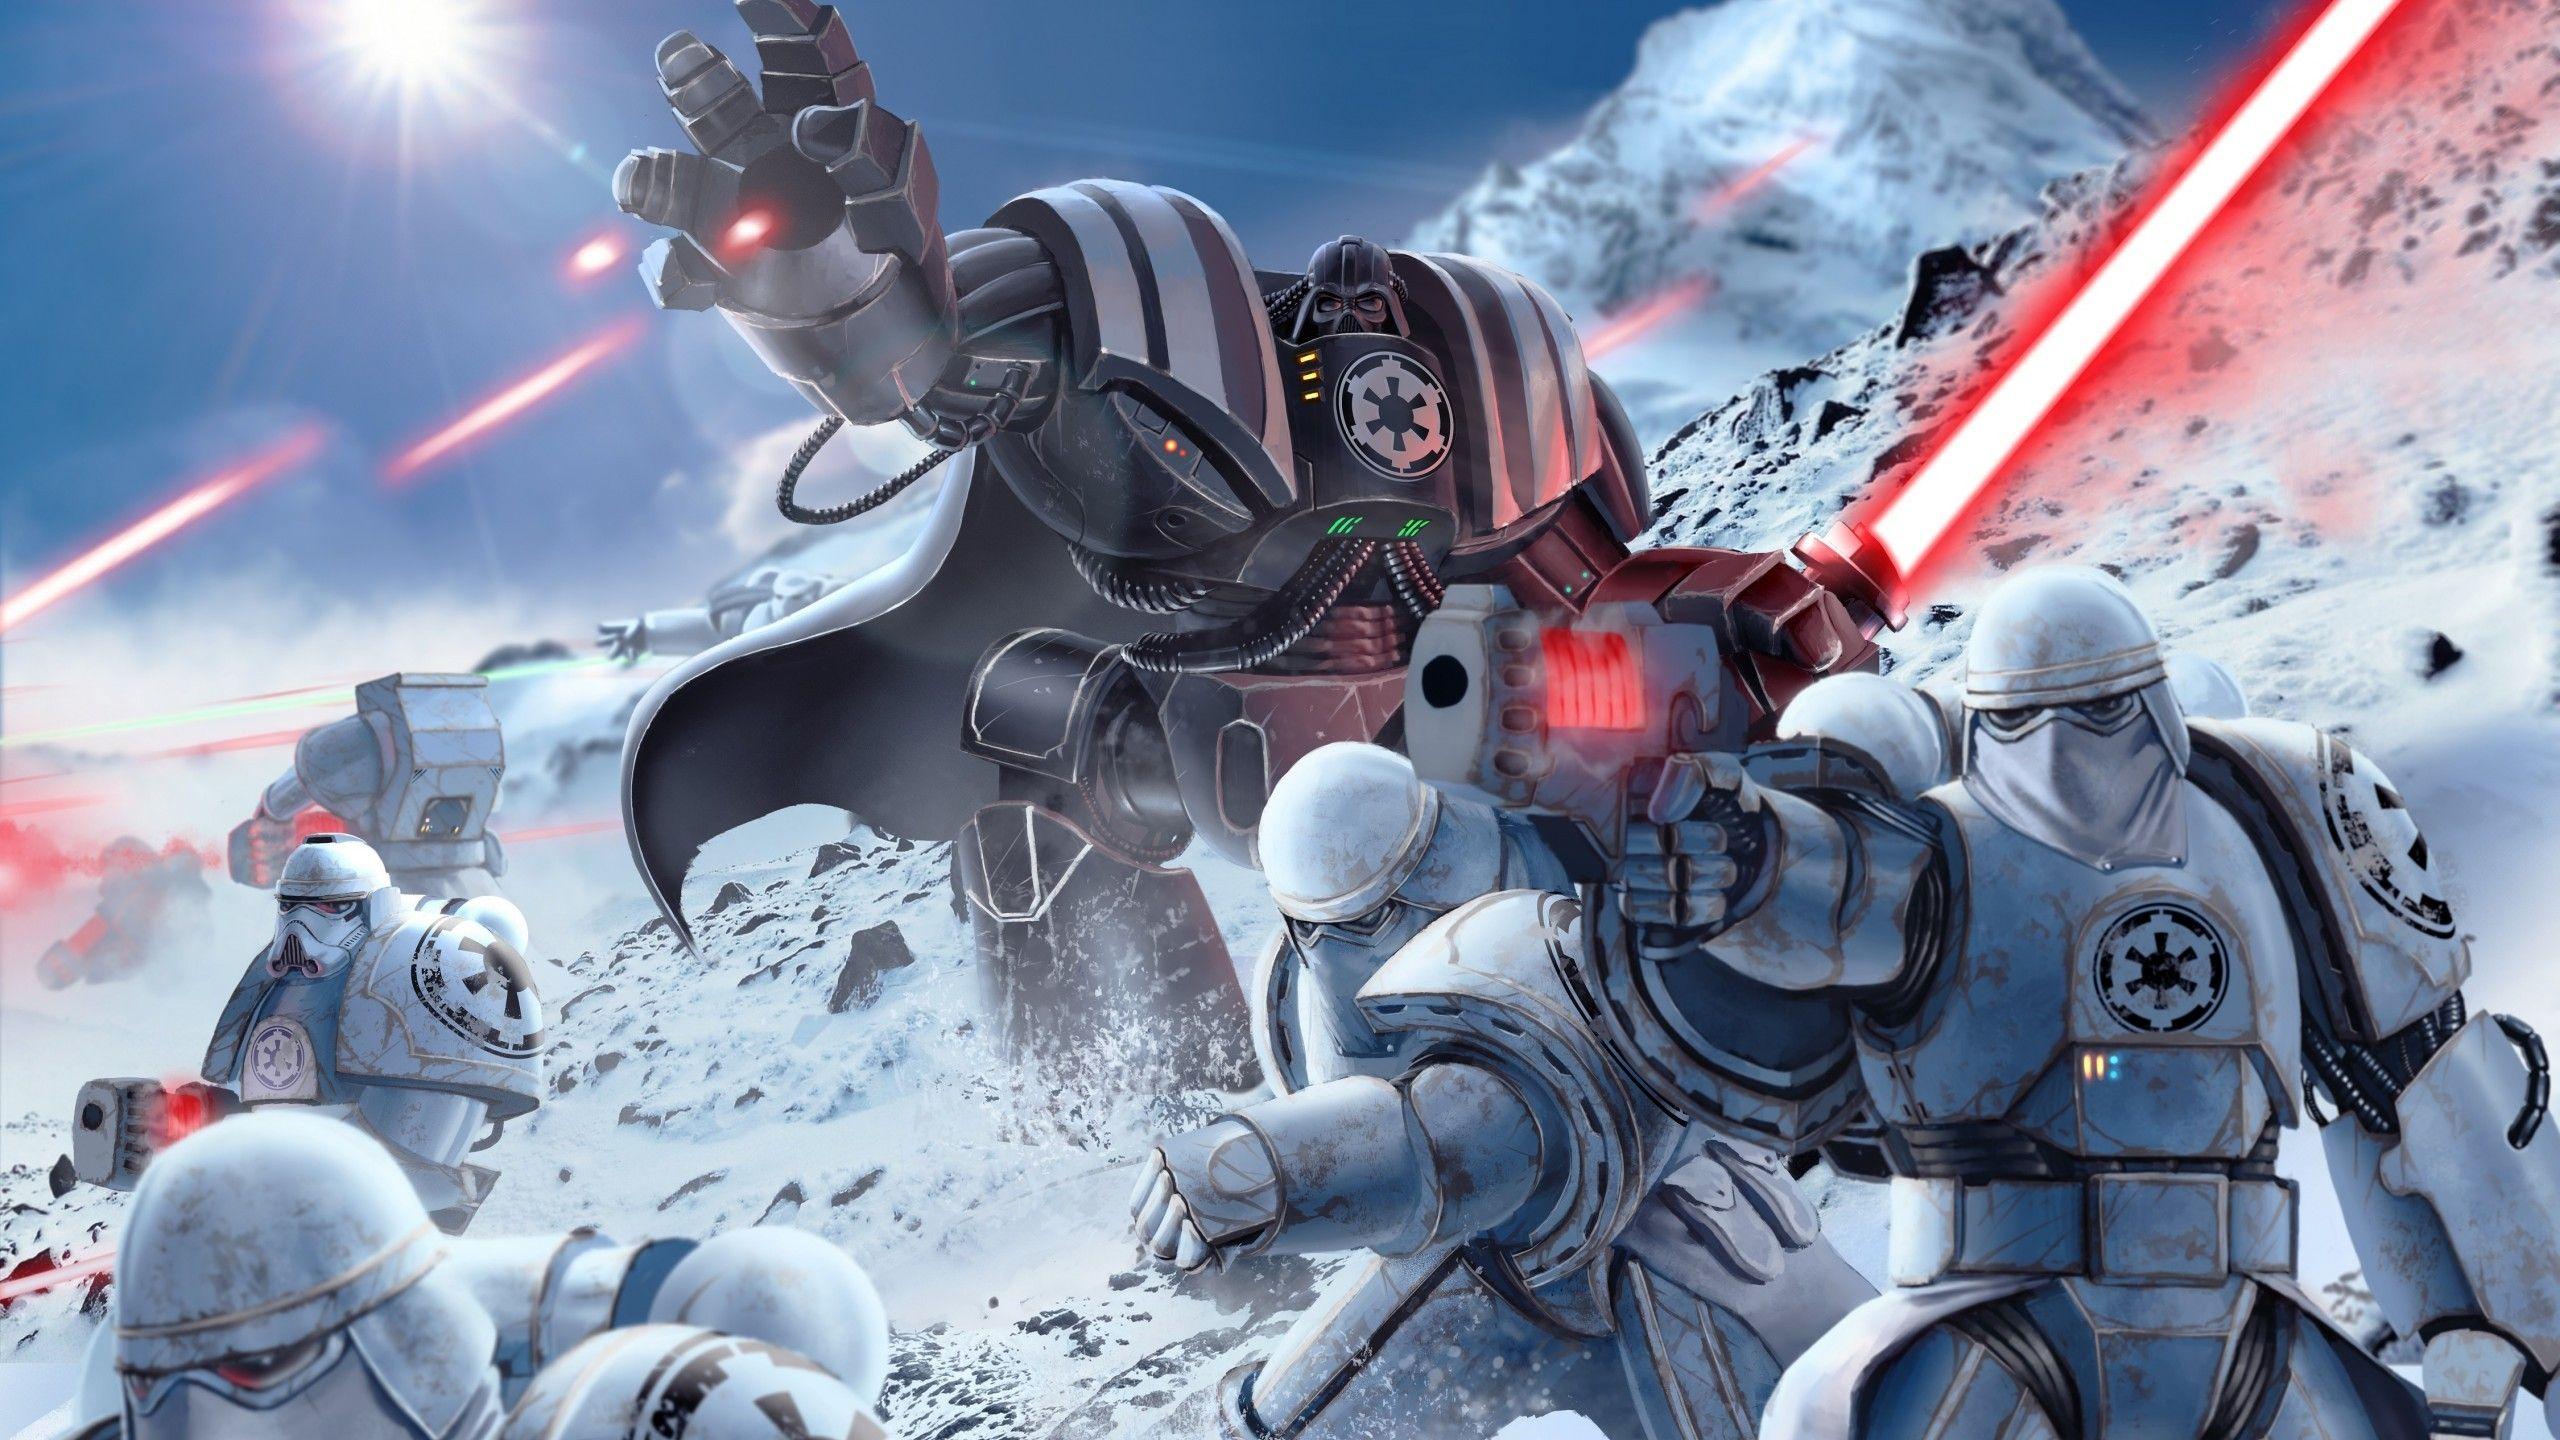 Sith Stormtrooper Desktop Wallpapers Wallpaper Cave